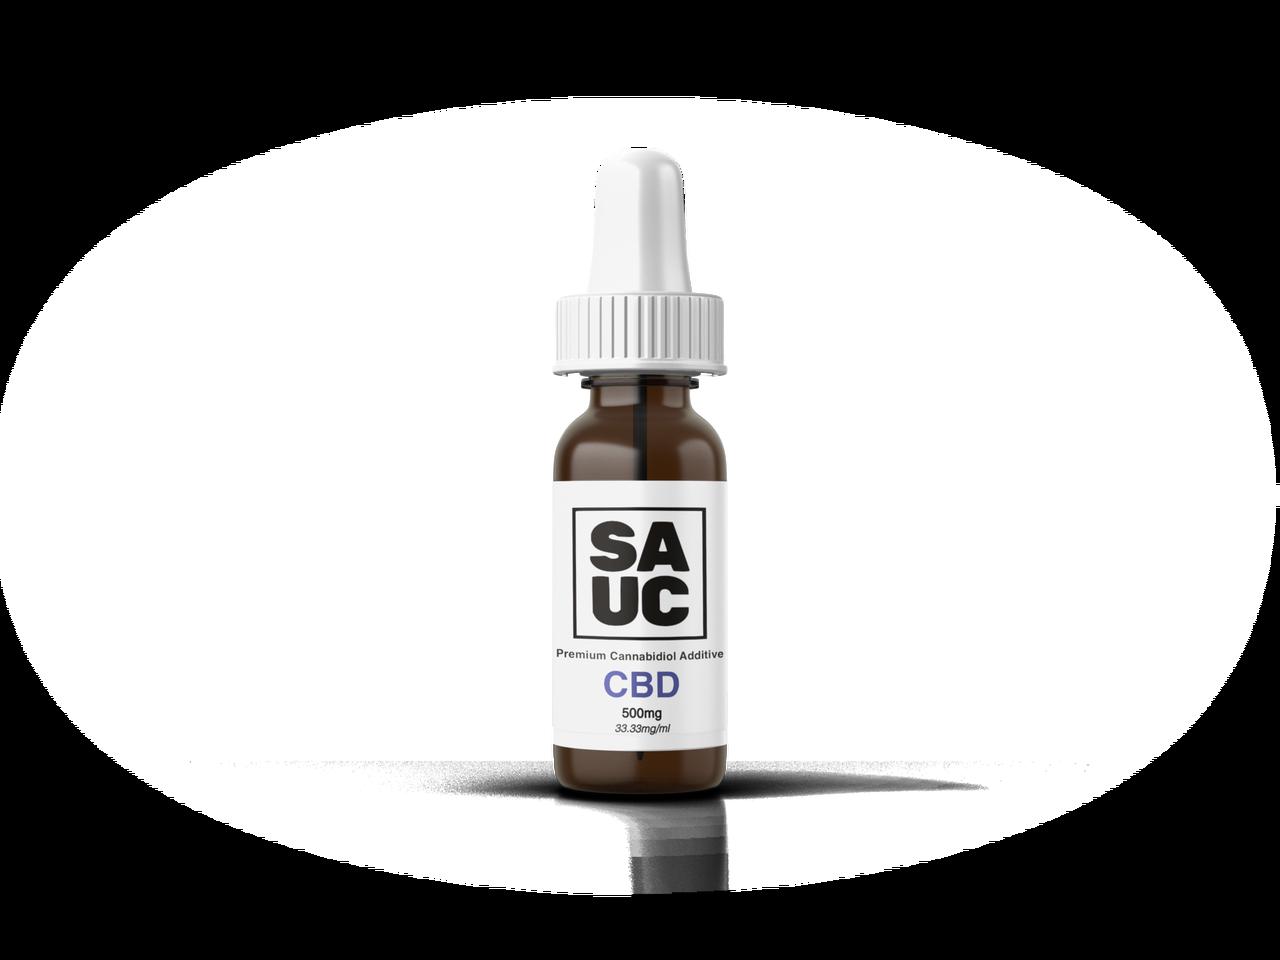 Sauc CBD Vape Additive 500 mg